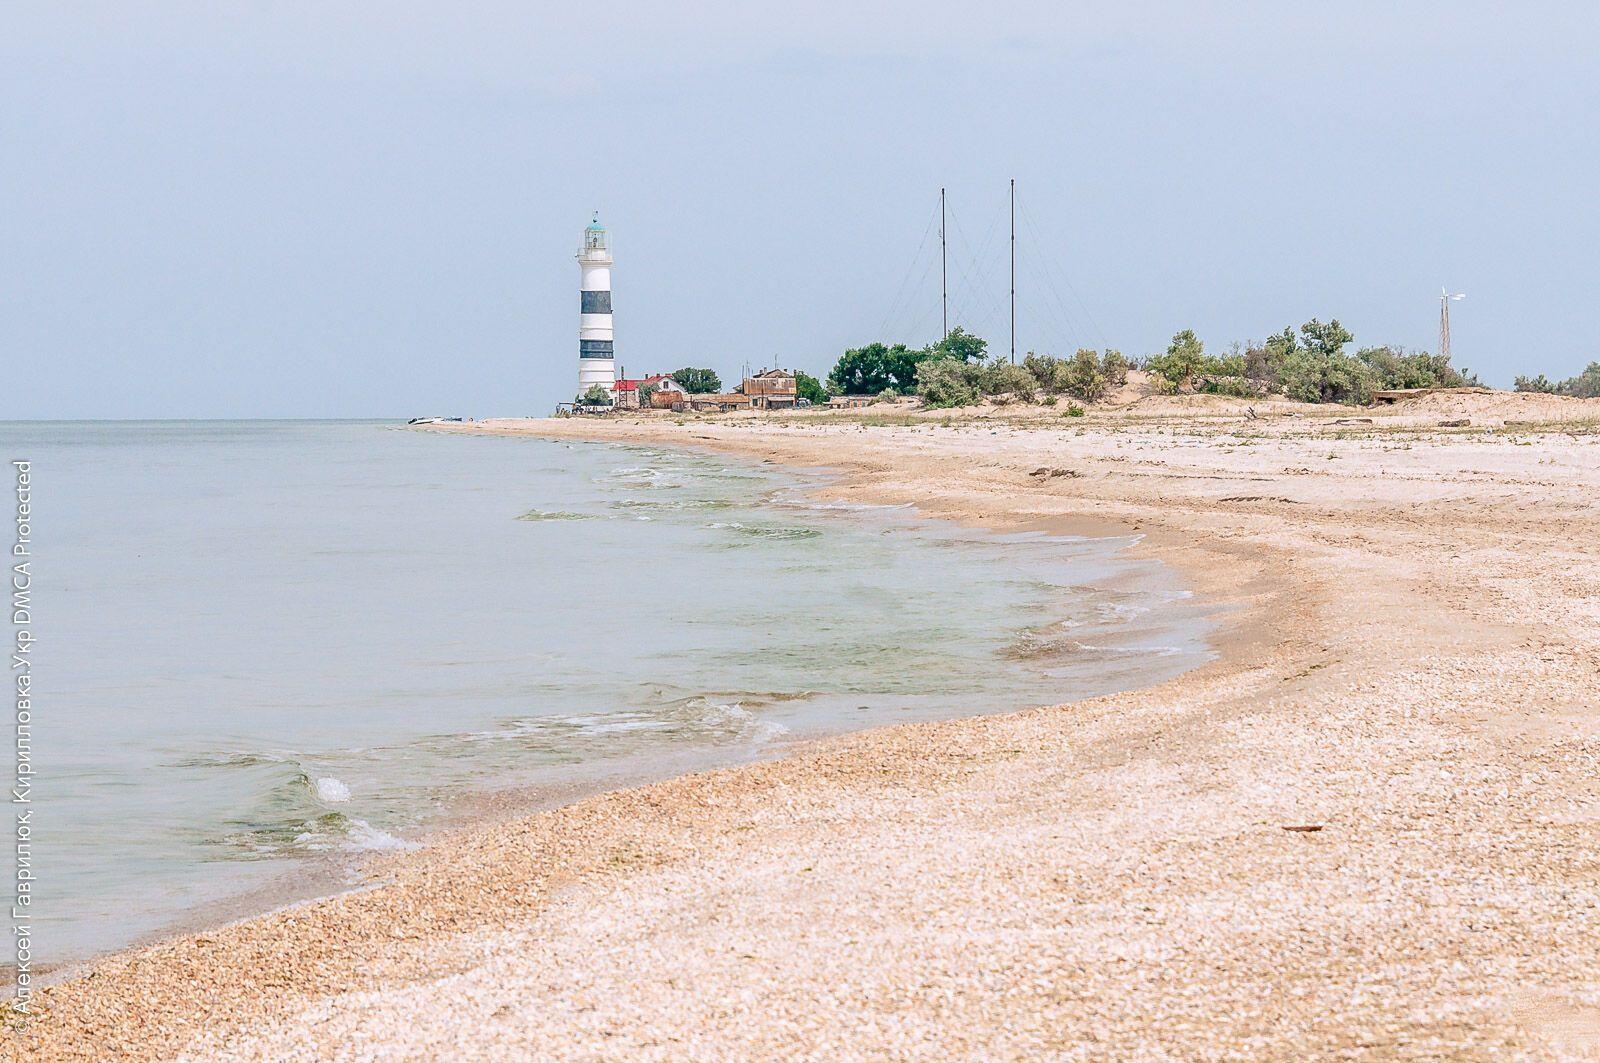 Острів Джарилгач – це найбільший острів в Україні